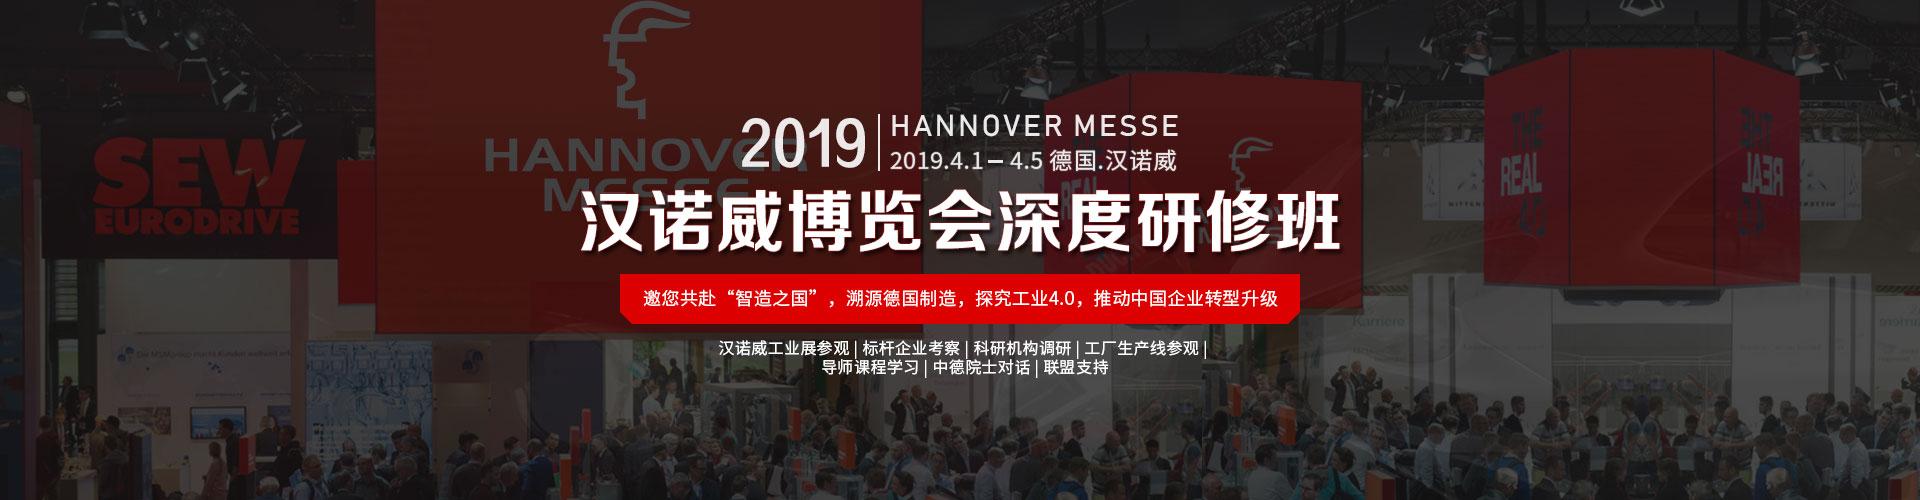 2019汉诺威工业博览会